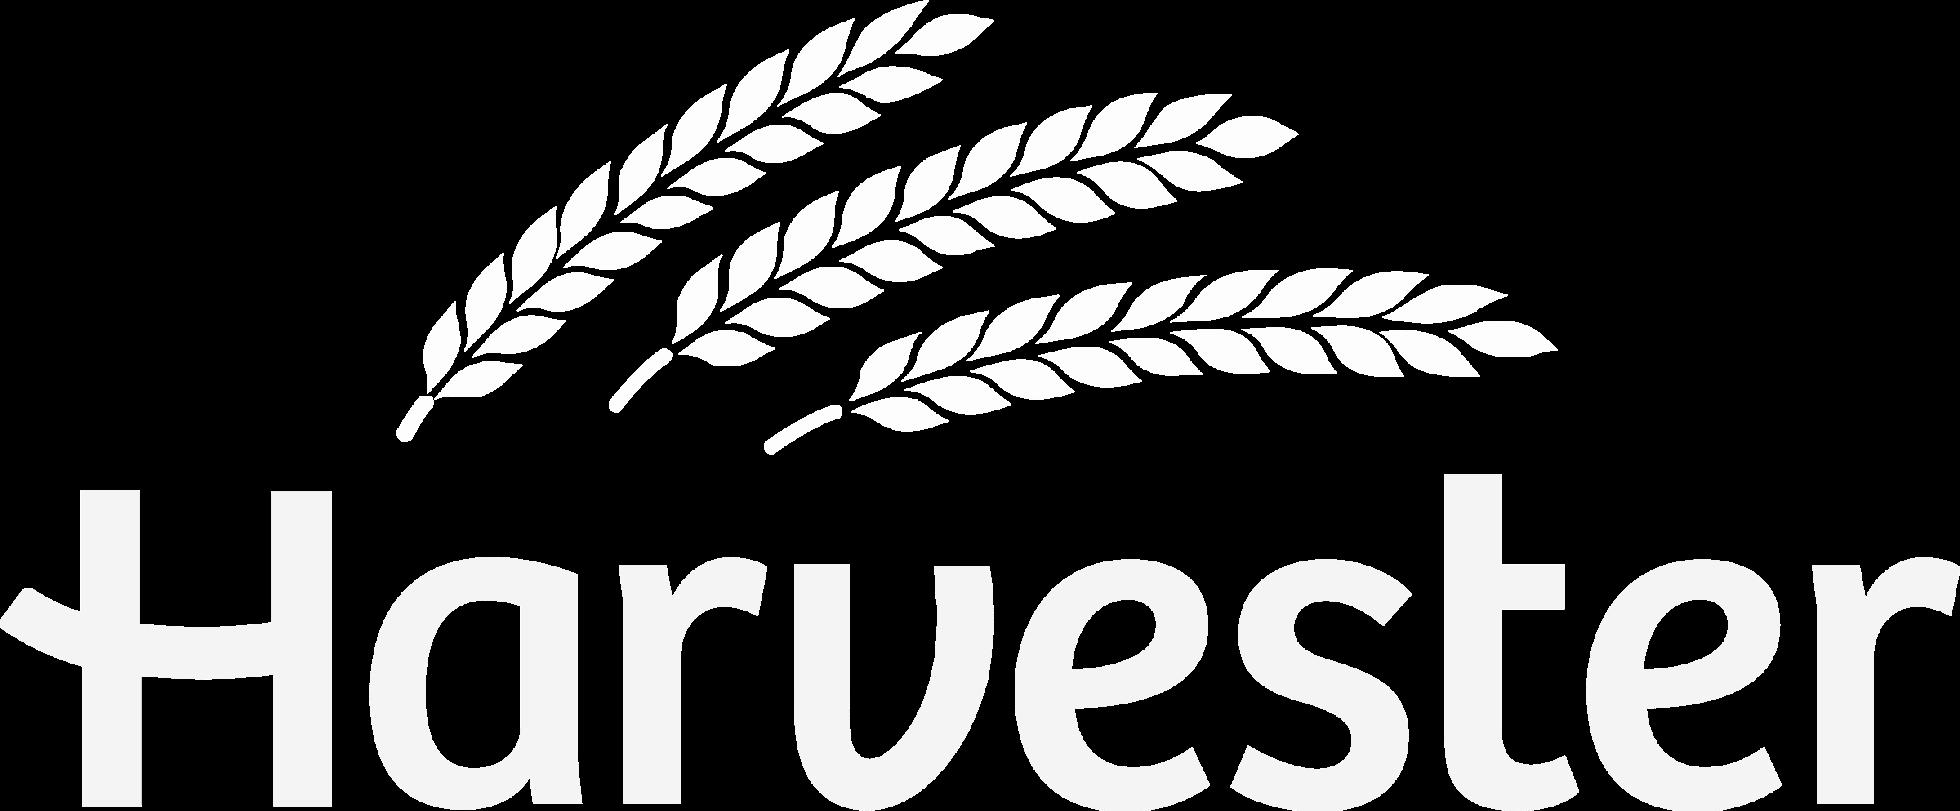 harvester-white